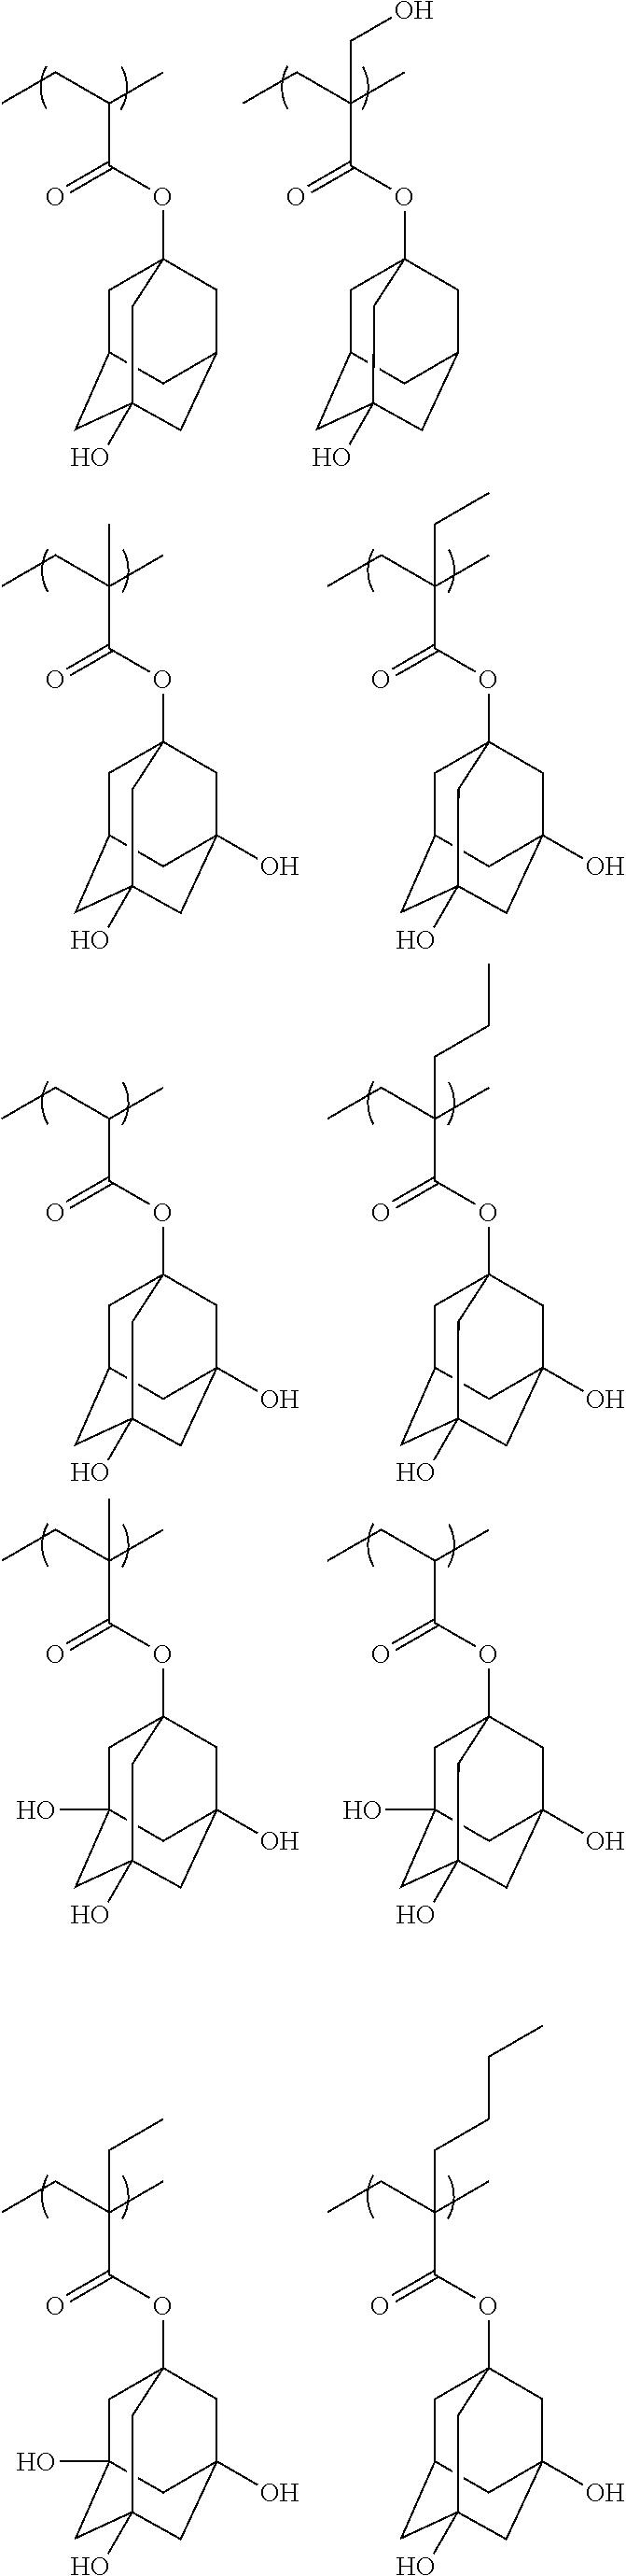 Figure US08476001-20130702-C00006